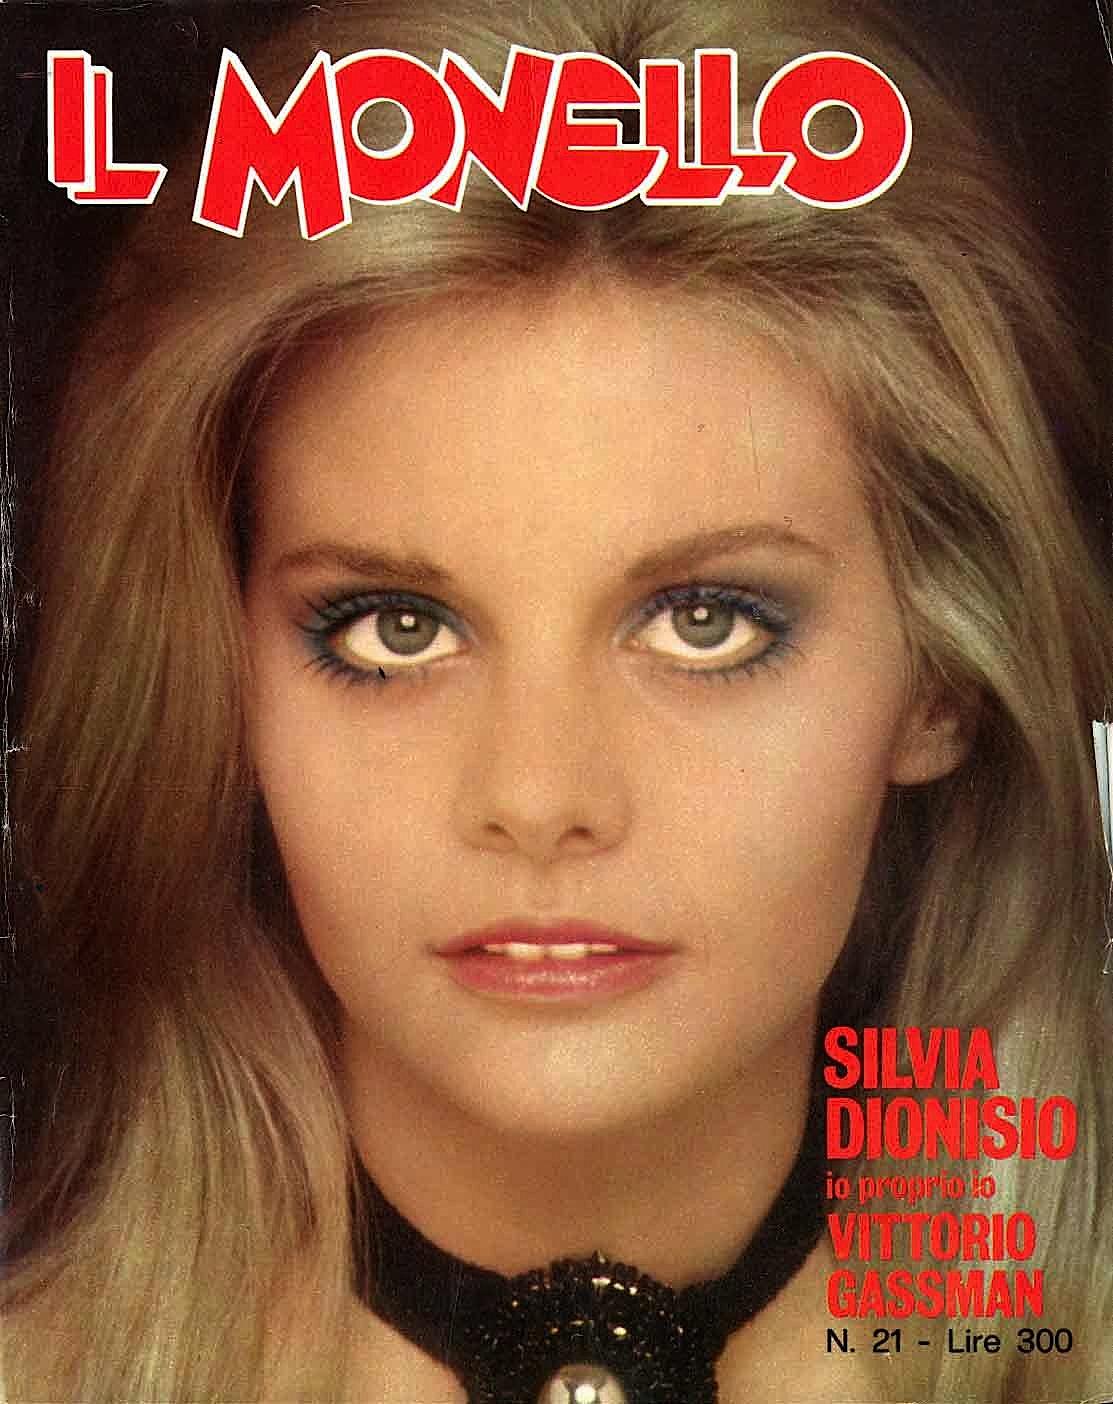 silvia_dionisio_il_monello_copertina_1976